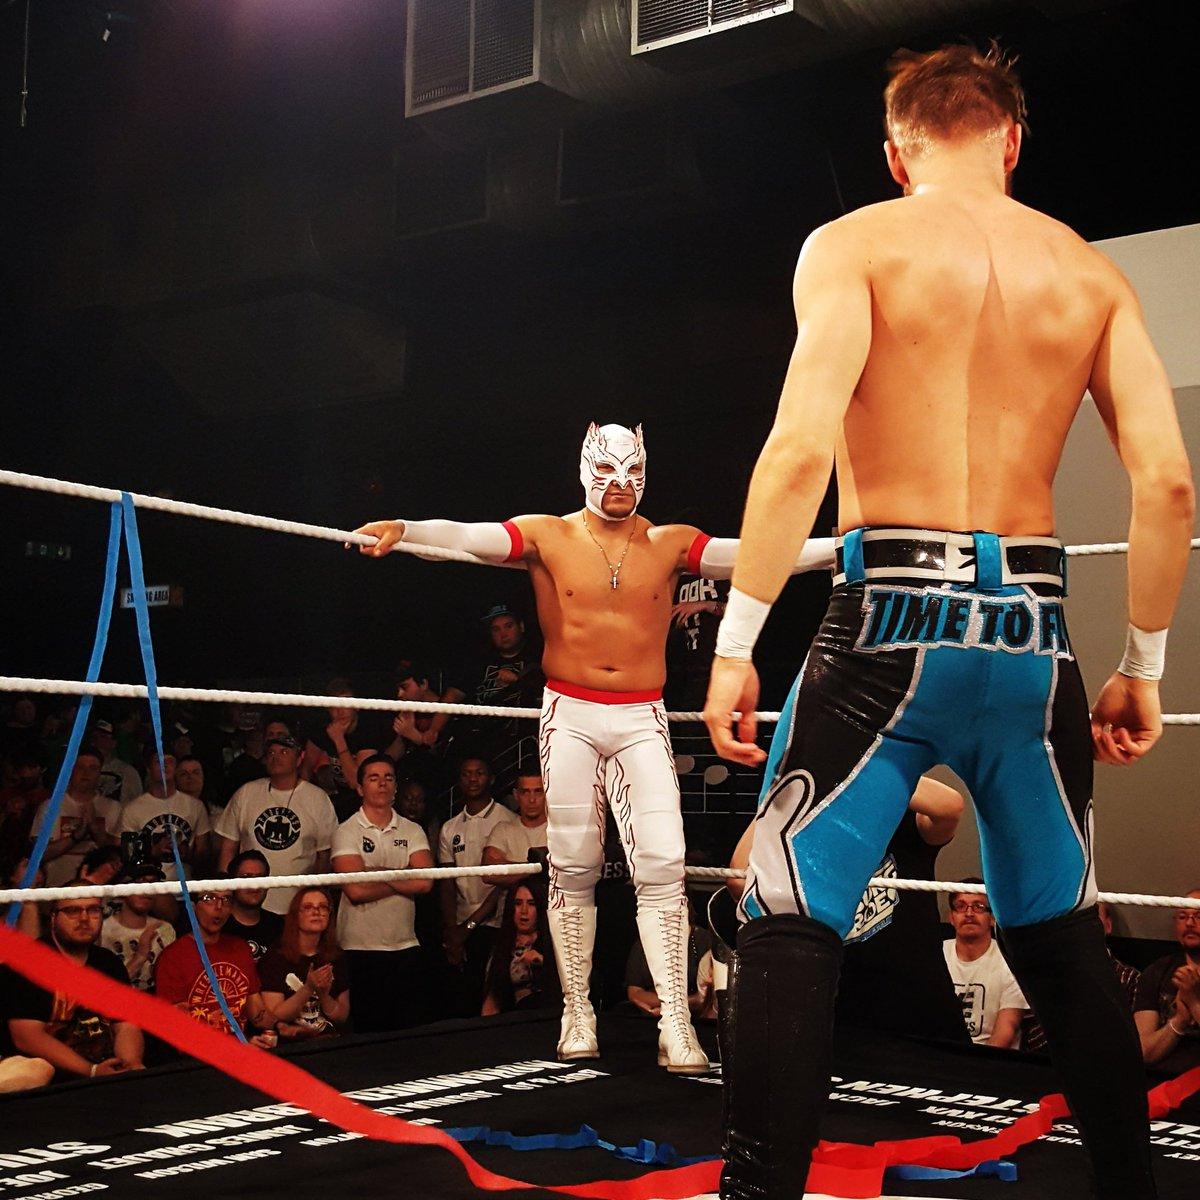 Resultados de Progress Wrestling Super Strong Style 16: Día 1 — Flamita sorprende al público británico 3